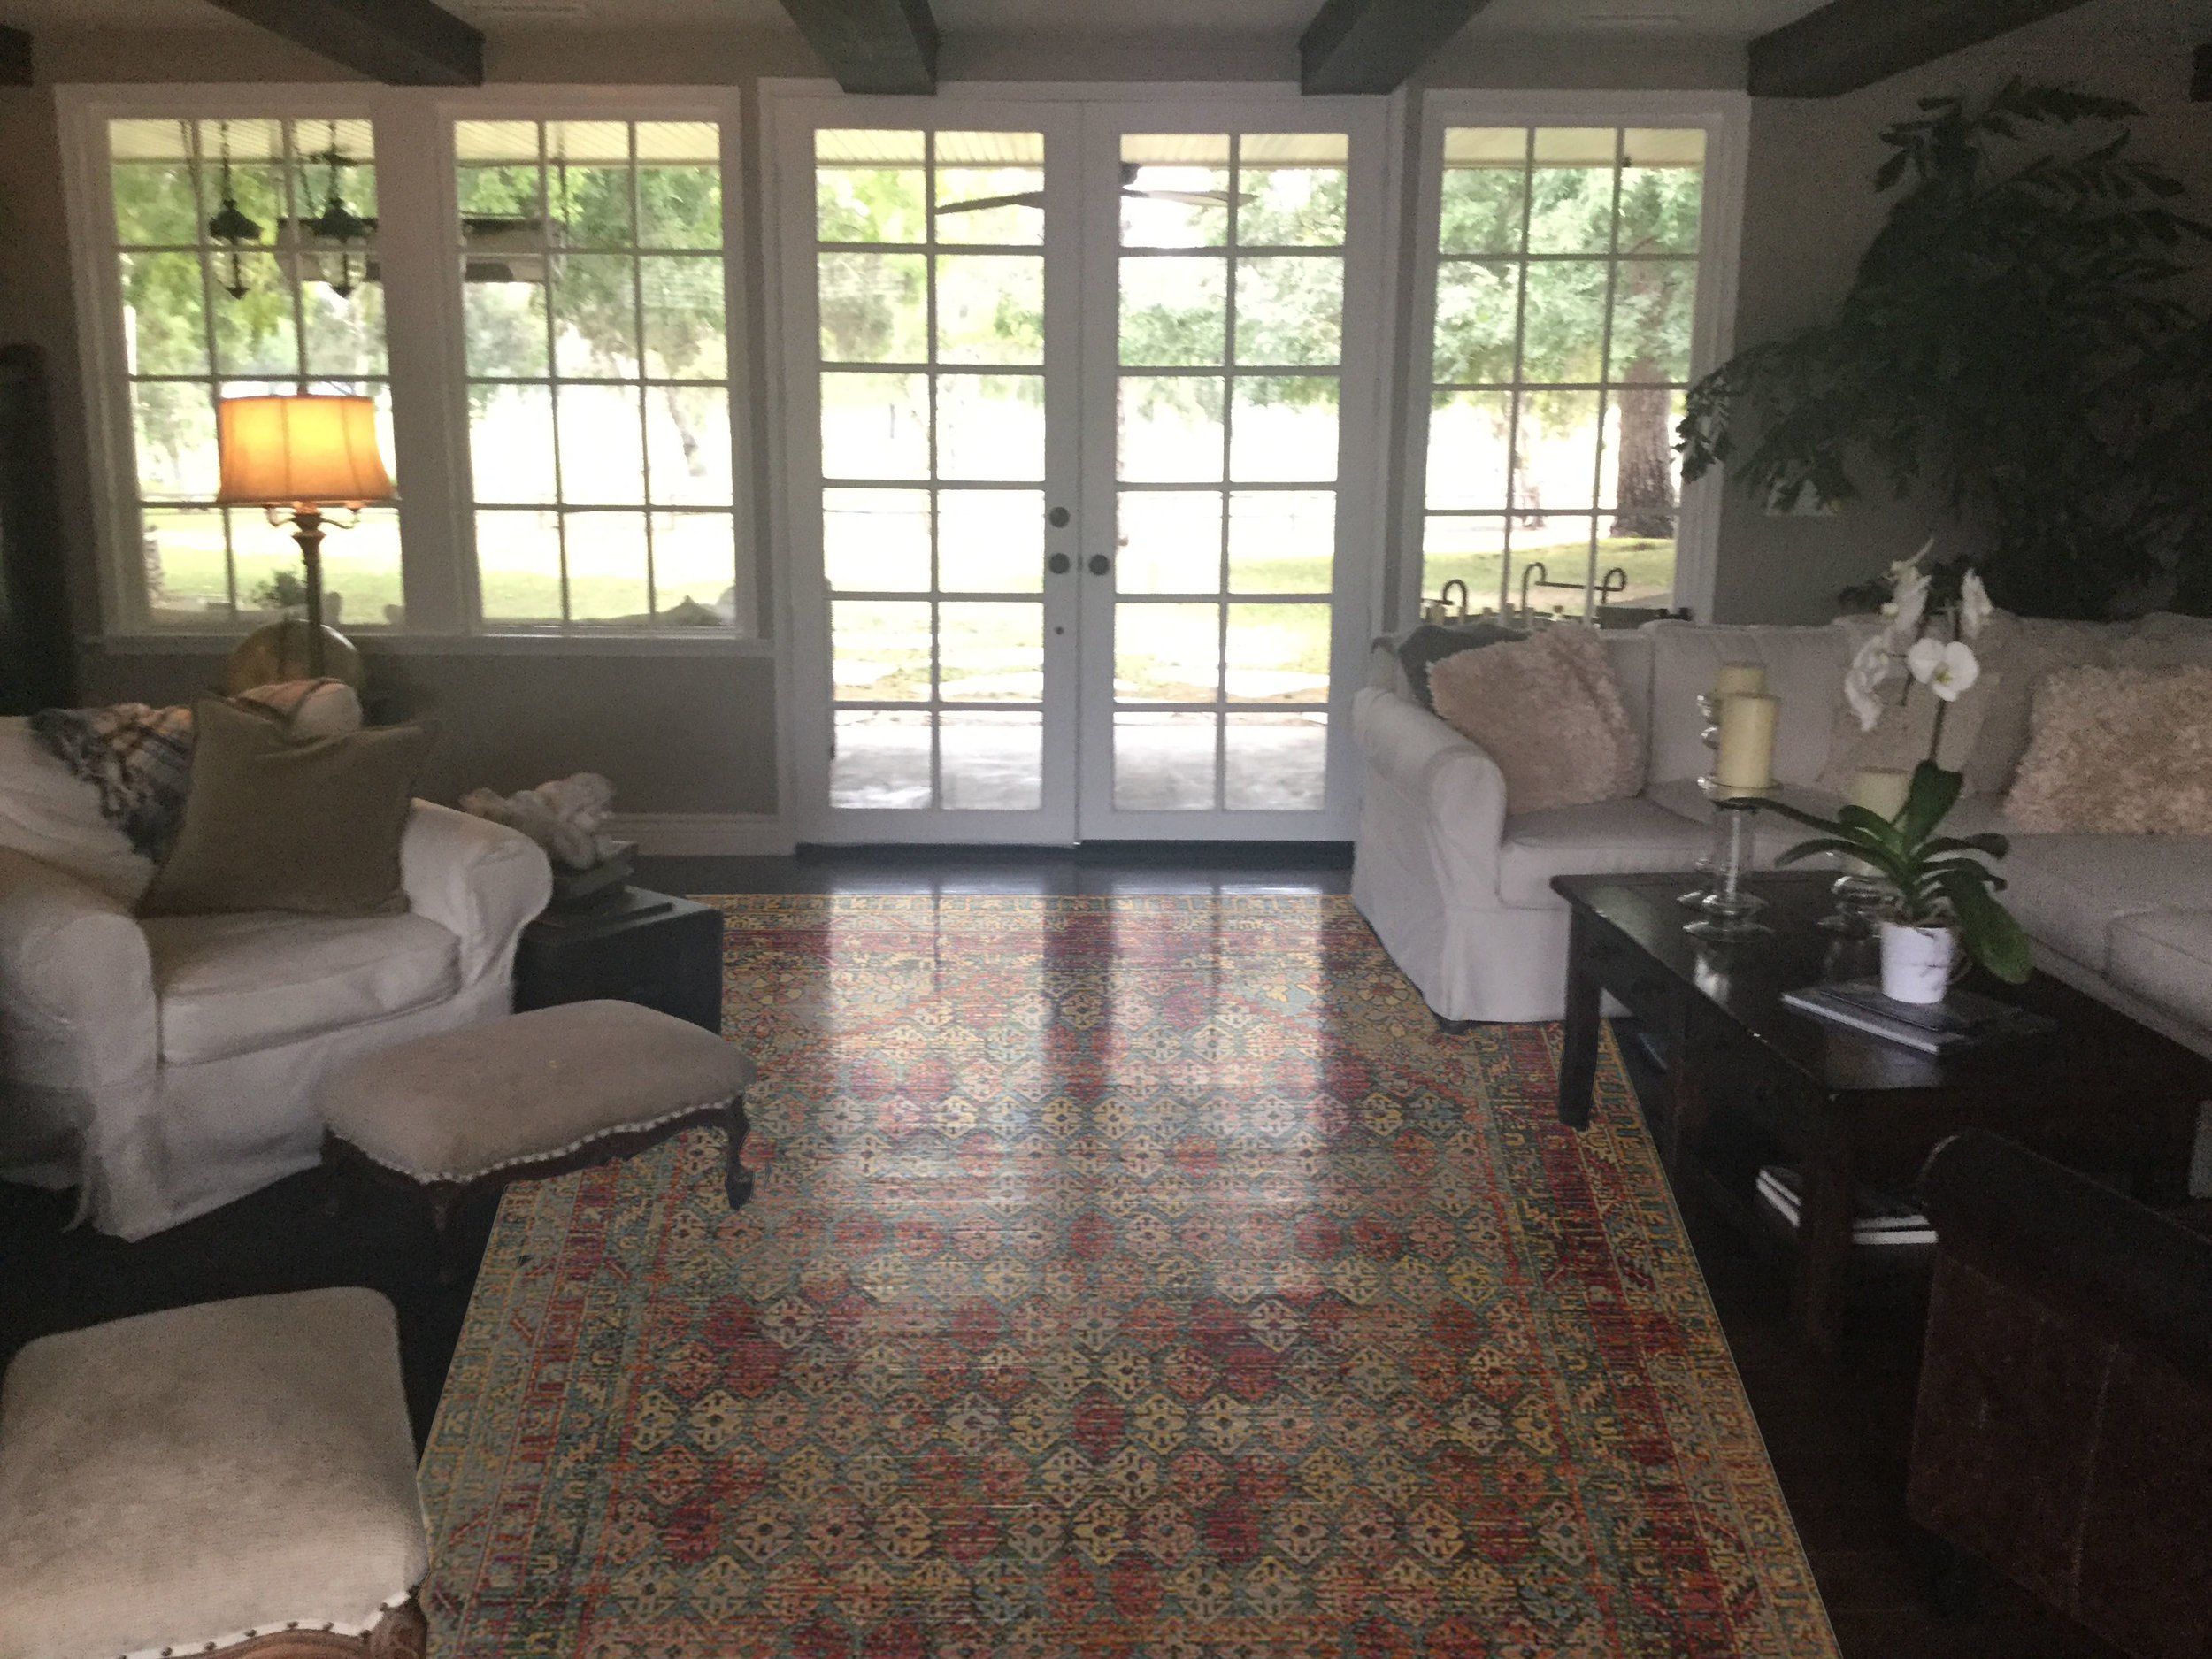 rug in living room.jpg